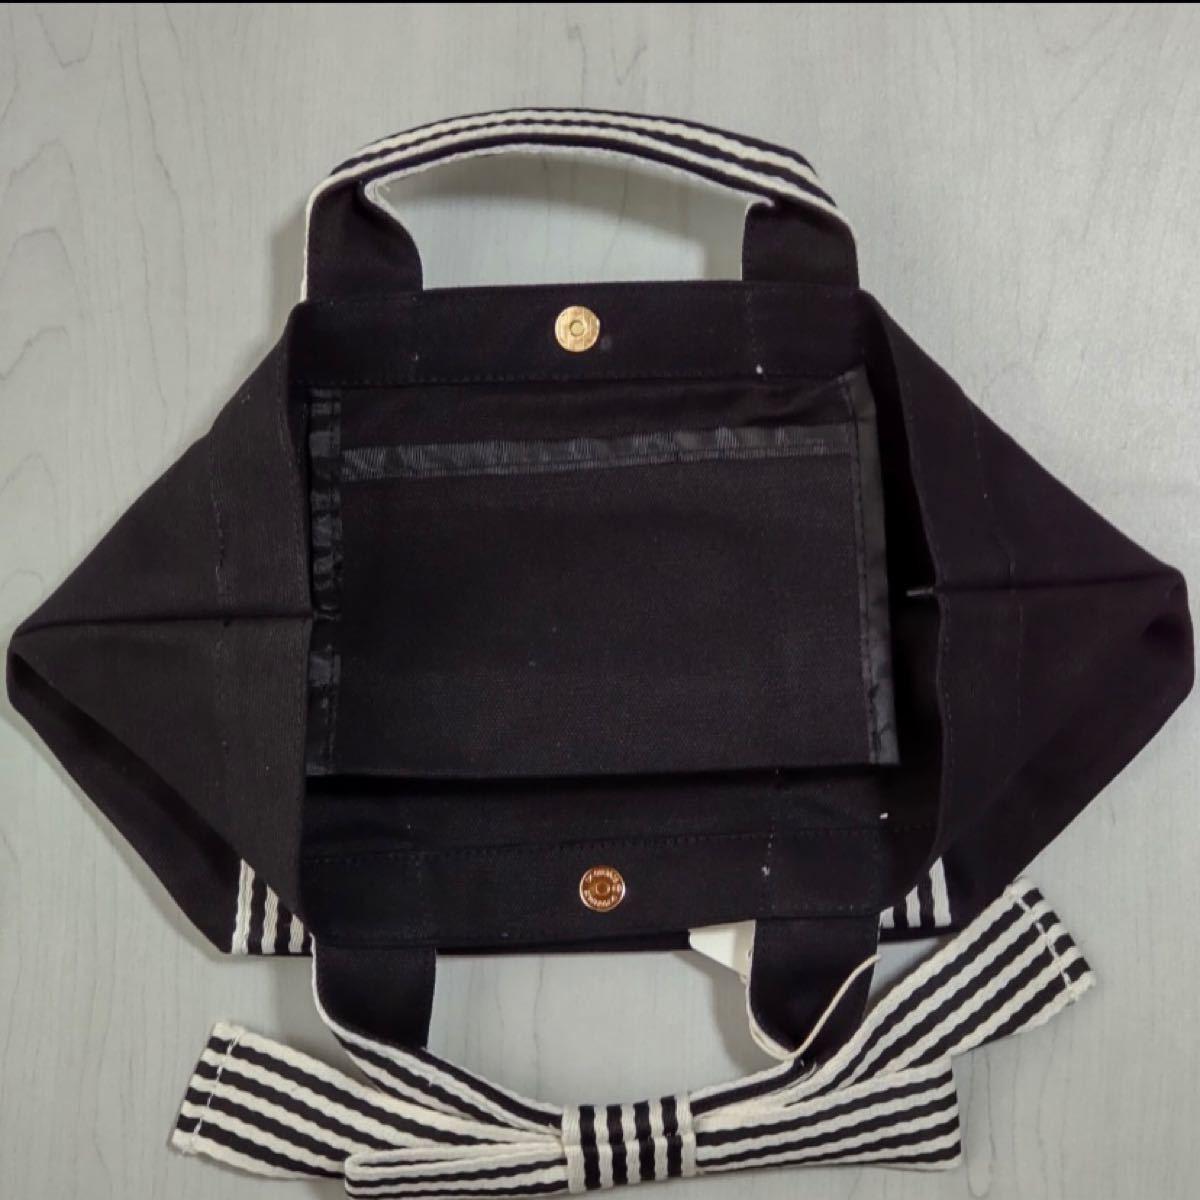 トートバッグ ミニトート リボン キャンバスボーダー バッグ ランチバッグ サブバッグ リボントート カバン ブラック 黒